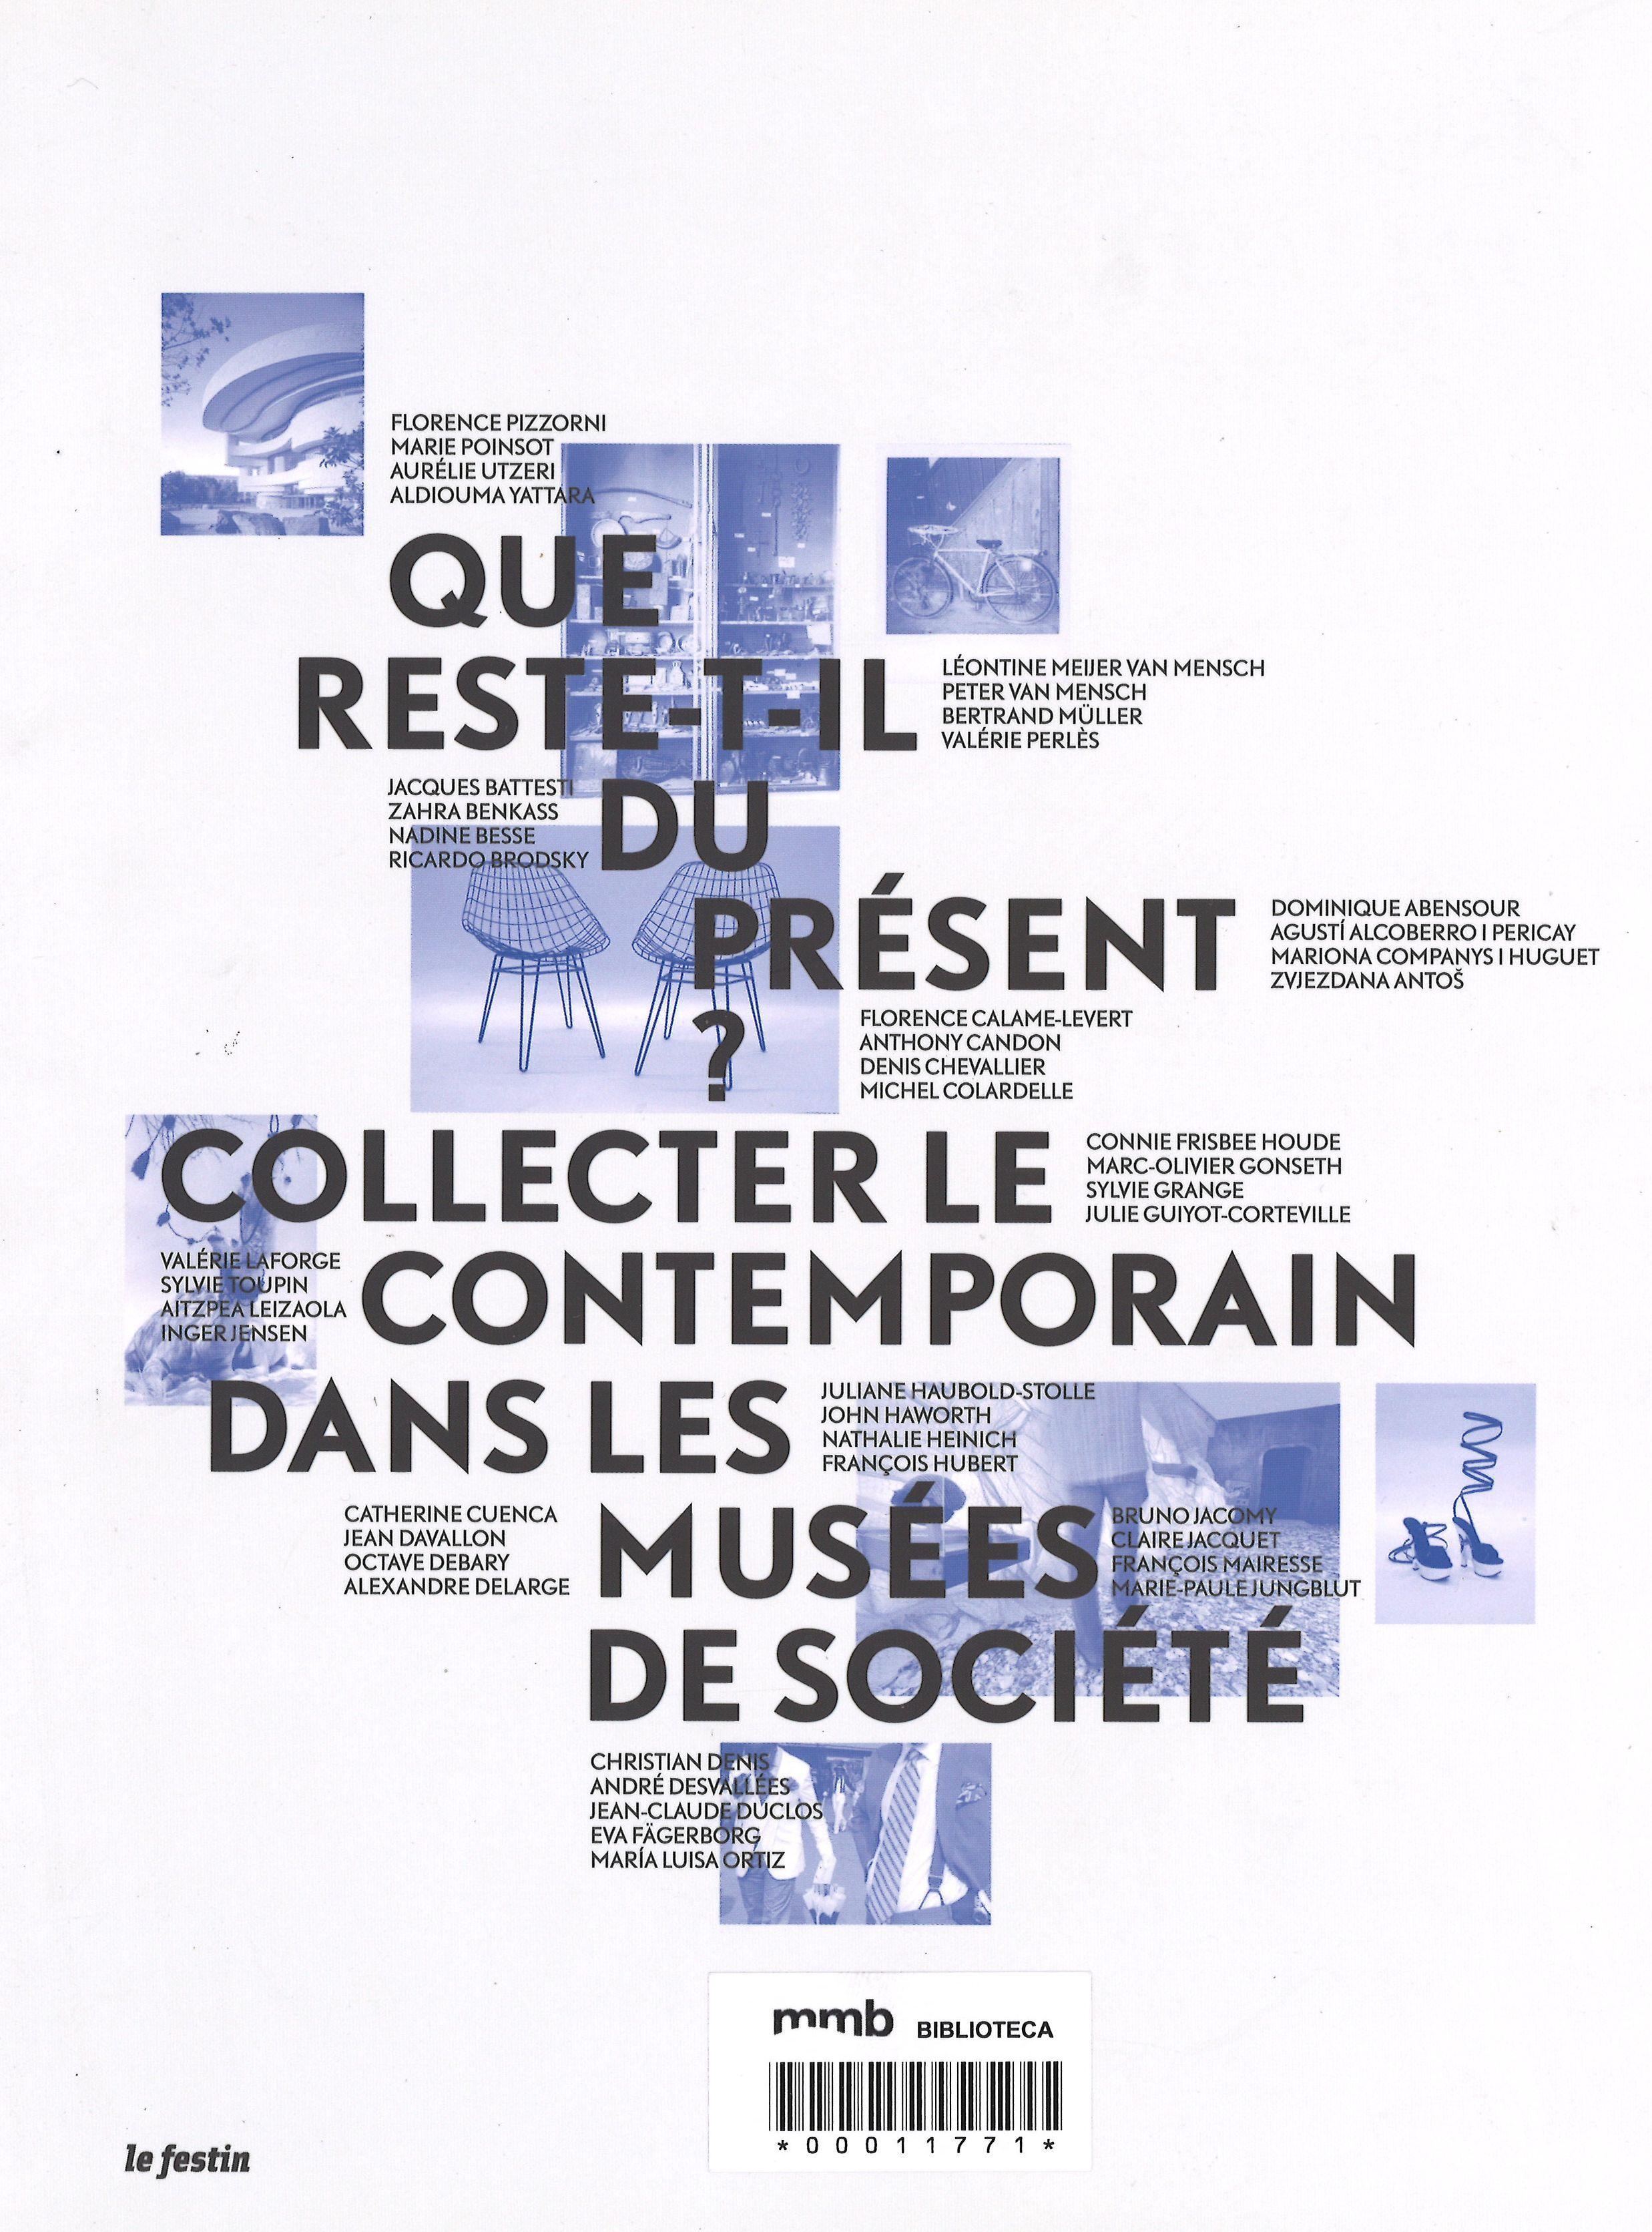 Que reste-t-il du présent? : collecter le contemporain dans les musées de société